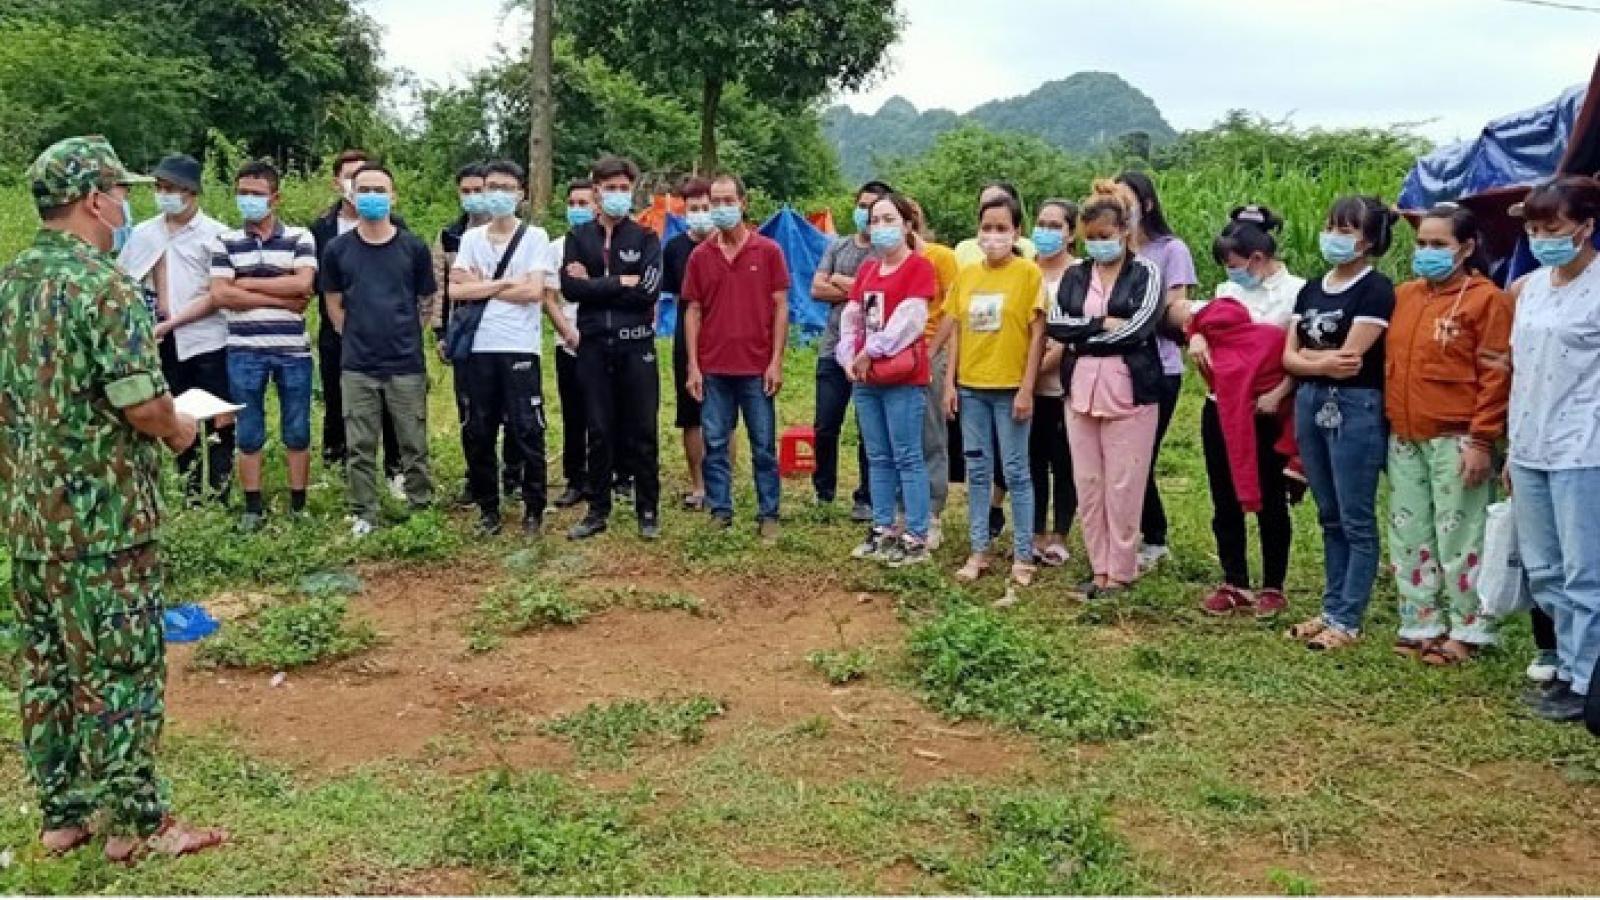 59 người từ Trung Quốc nhập cảnh trái phép về Việt Nam